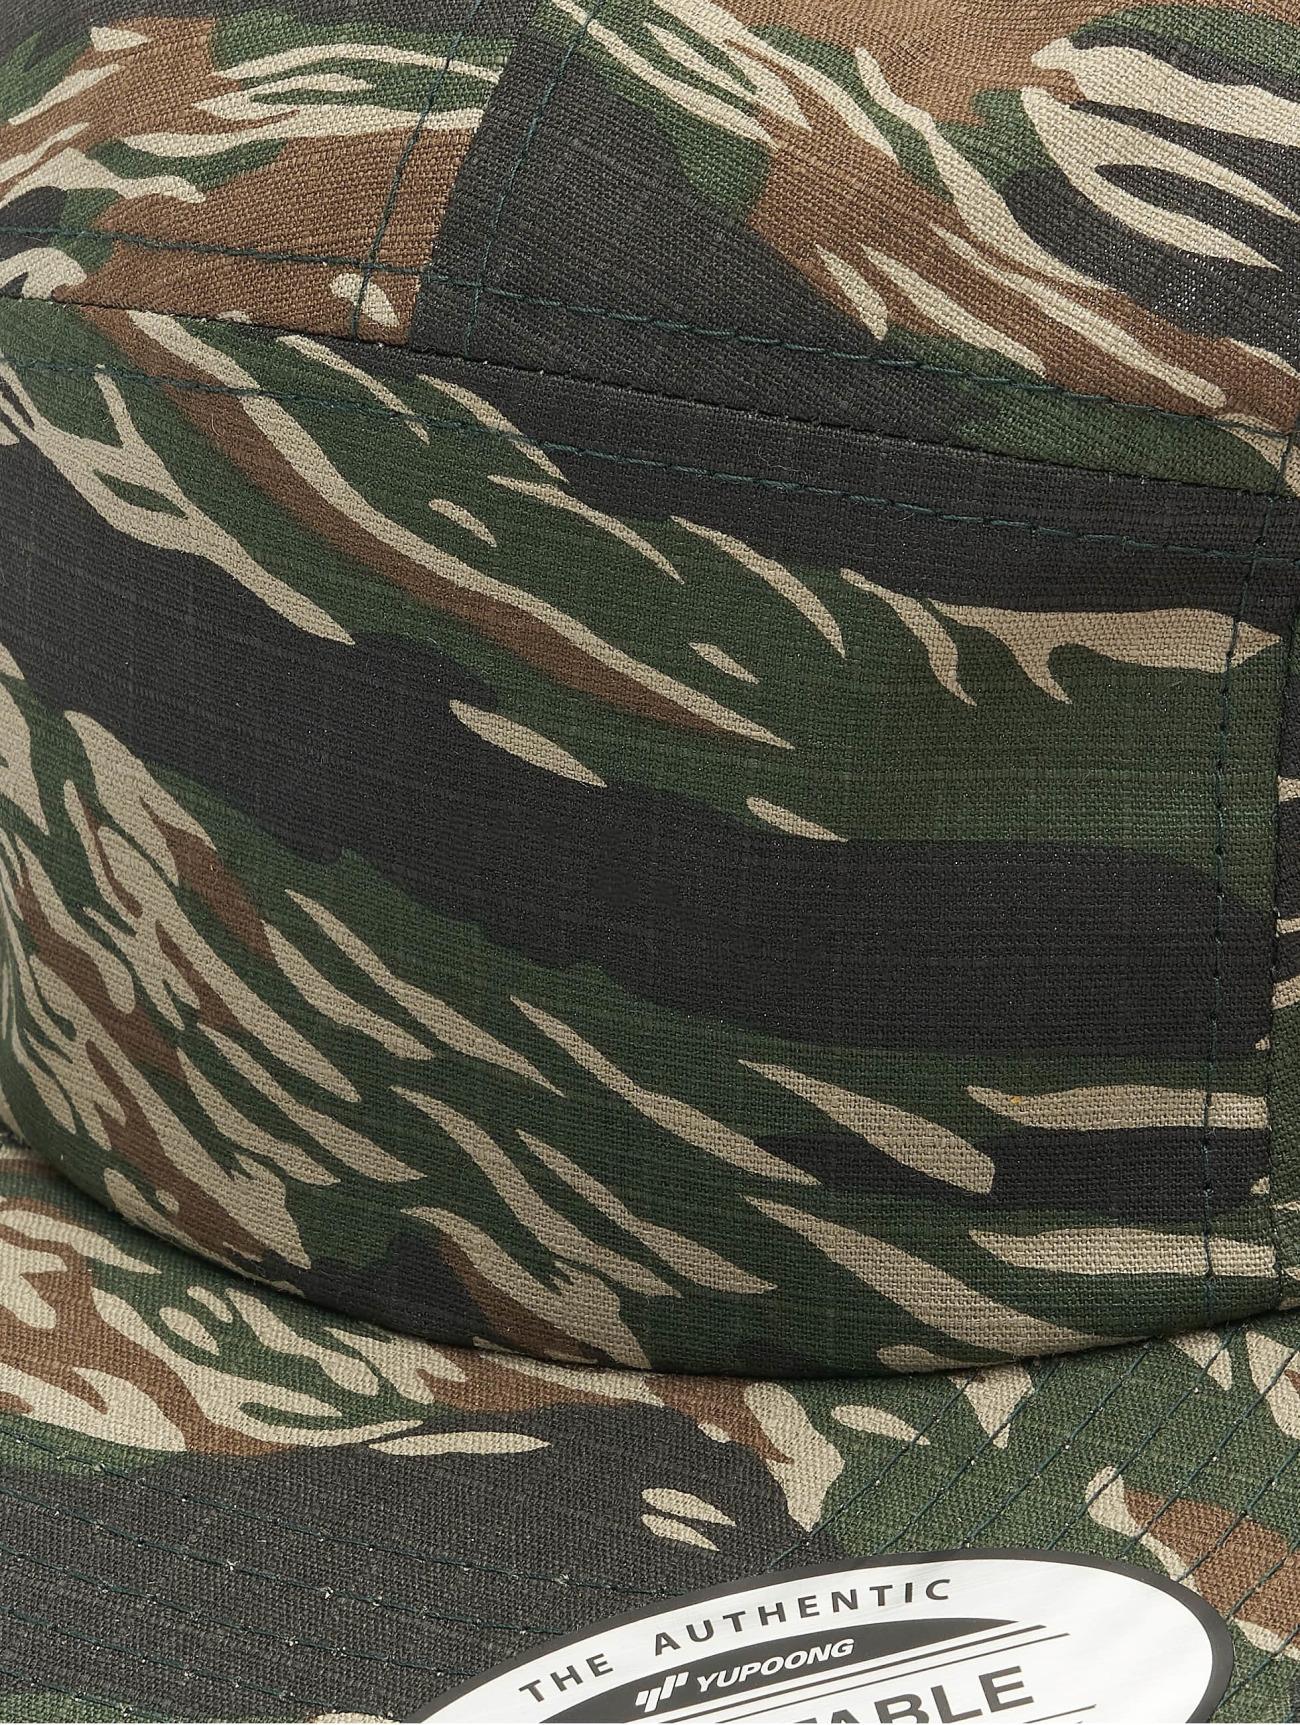 Flexfit  Classic Jockey  camouflage  Casquette 5 panel  196639 Homme Casquettes